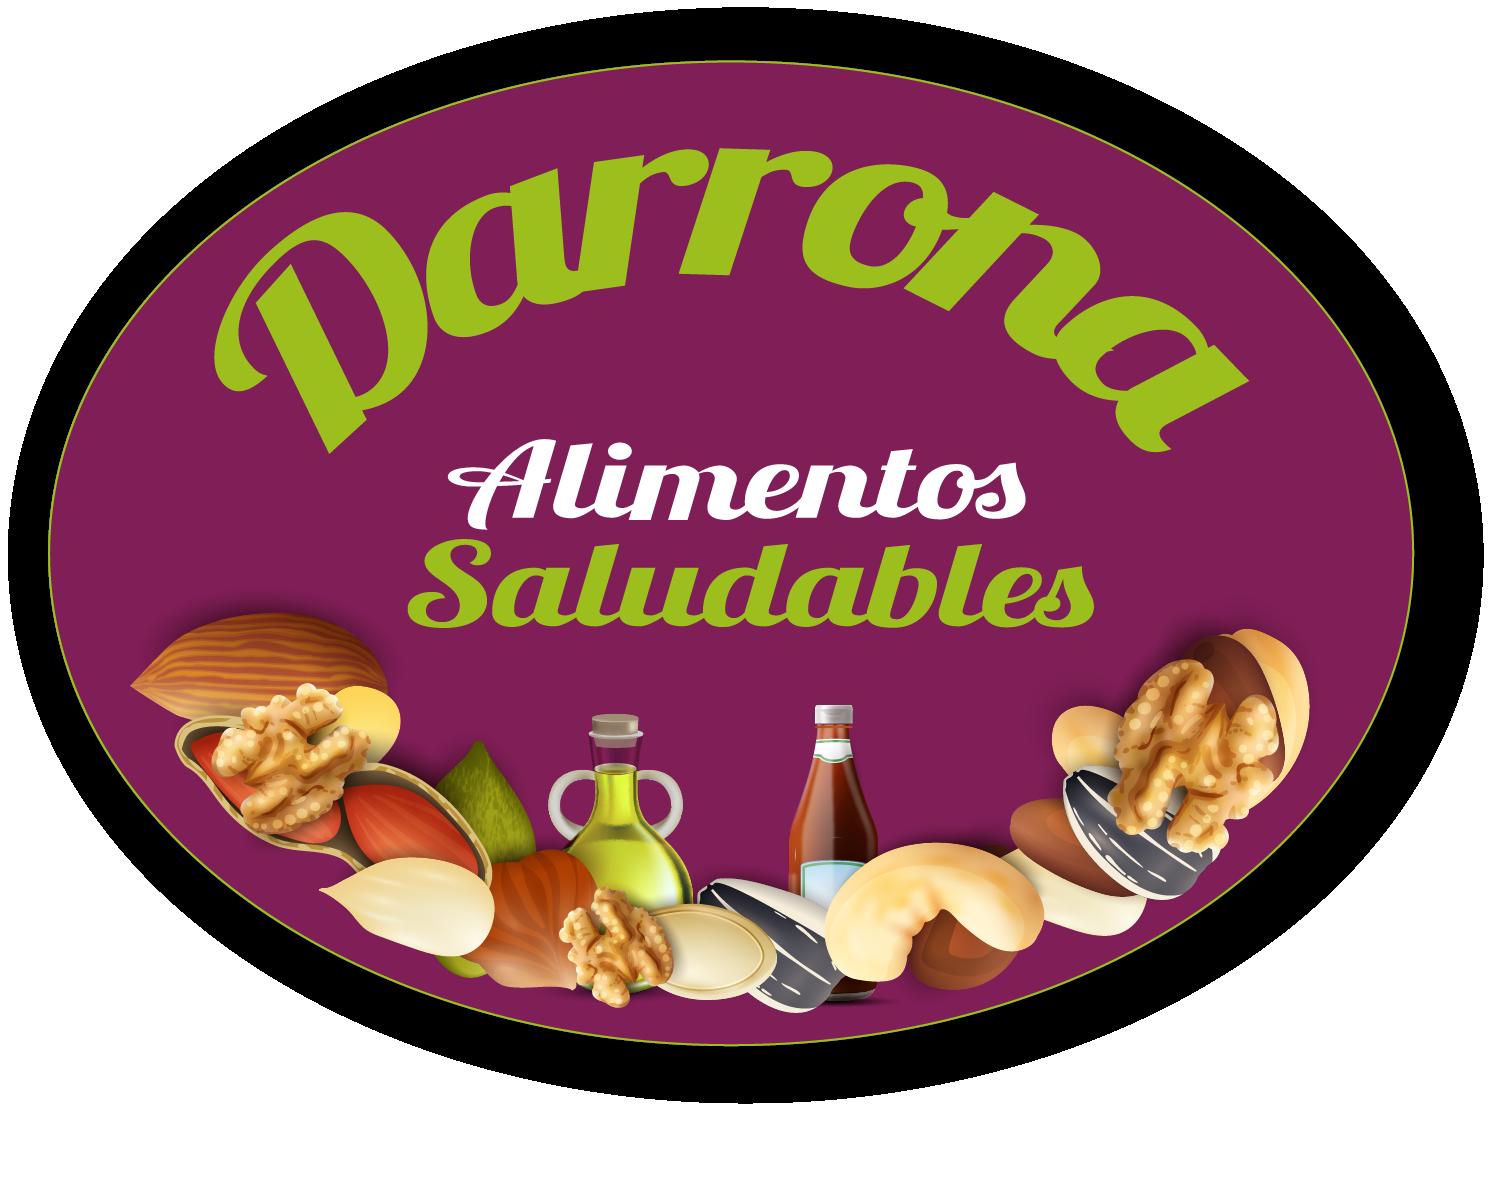 Darrona